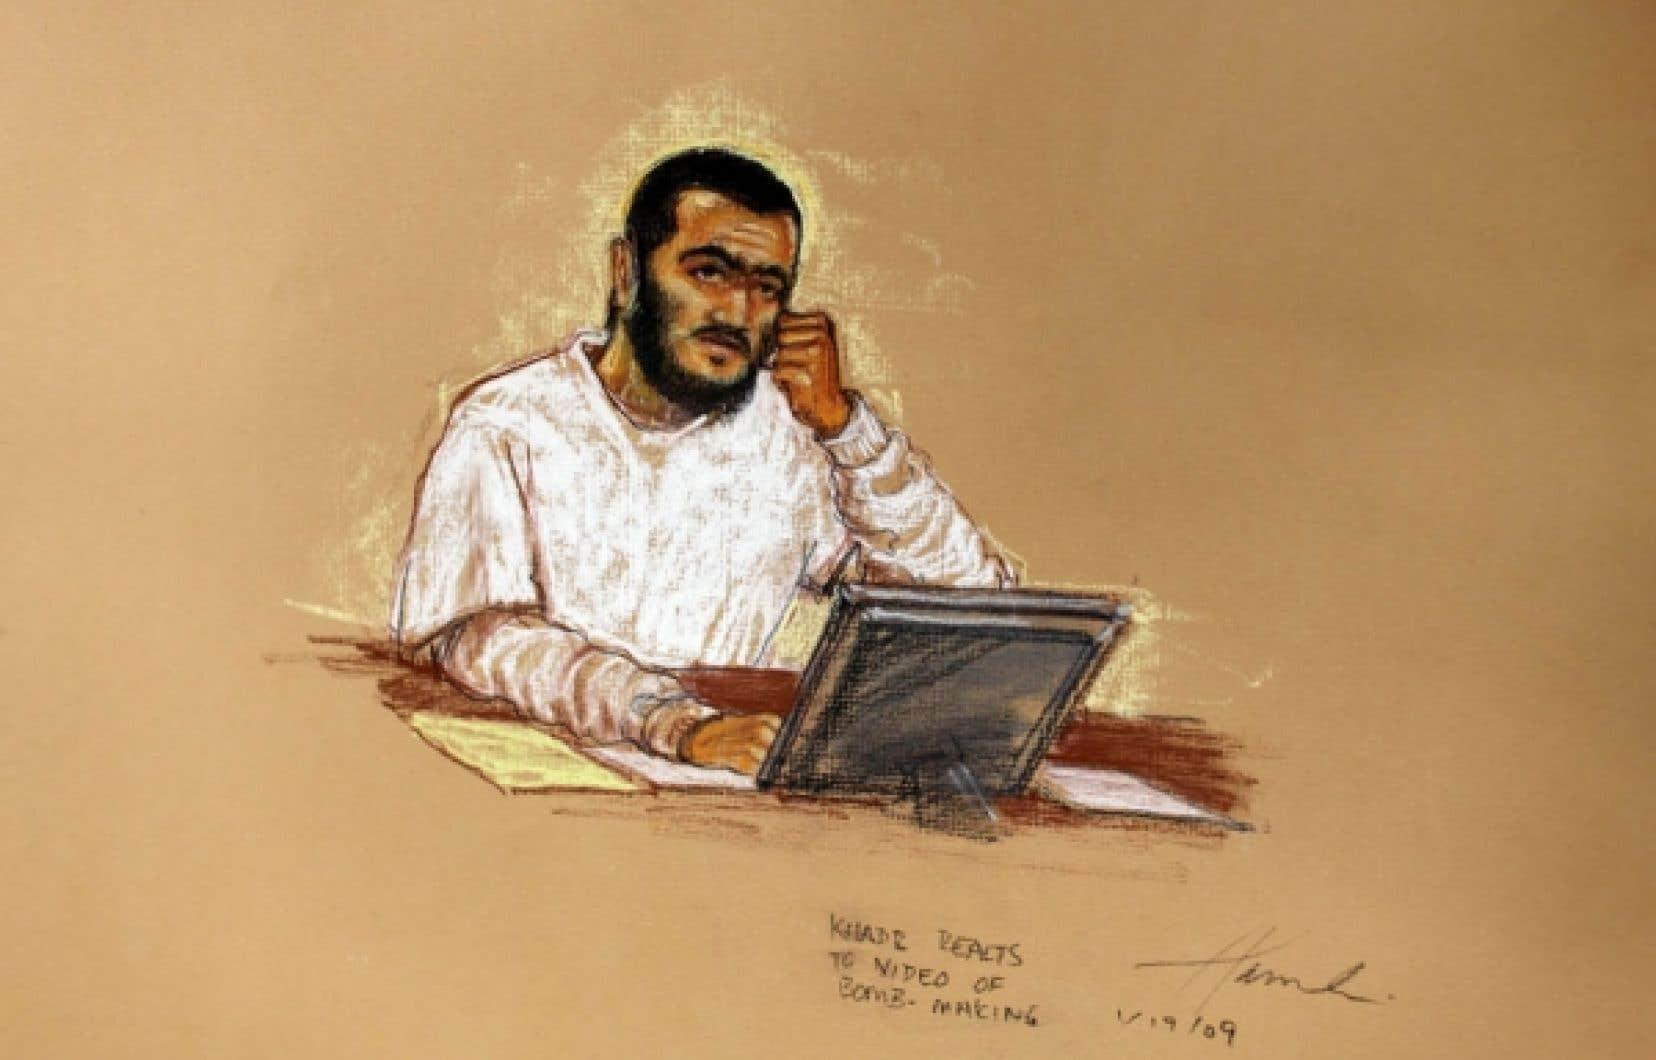 Natif de Toronto, Omar Khadr, aujourd'hui âgé de 23 ans, est accusé de meurtre. Il aurait lancé une grenade qui a tué un soldat américain en Afghanistan en juillet 2002.